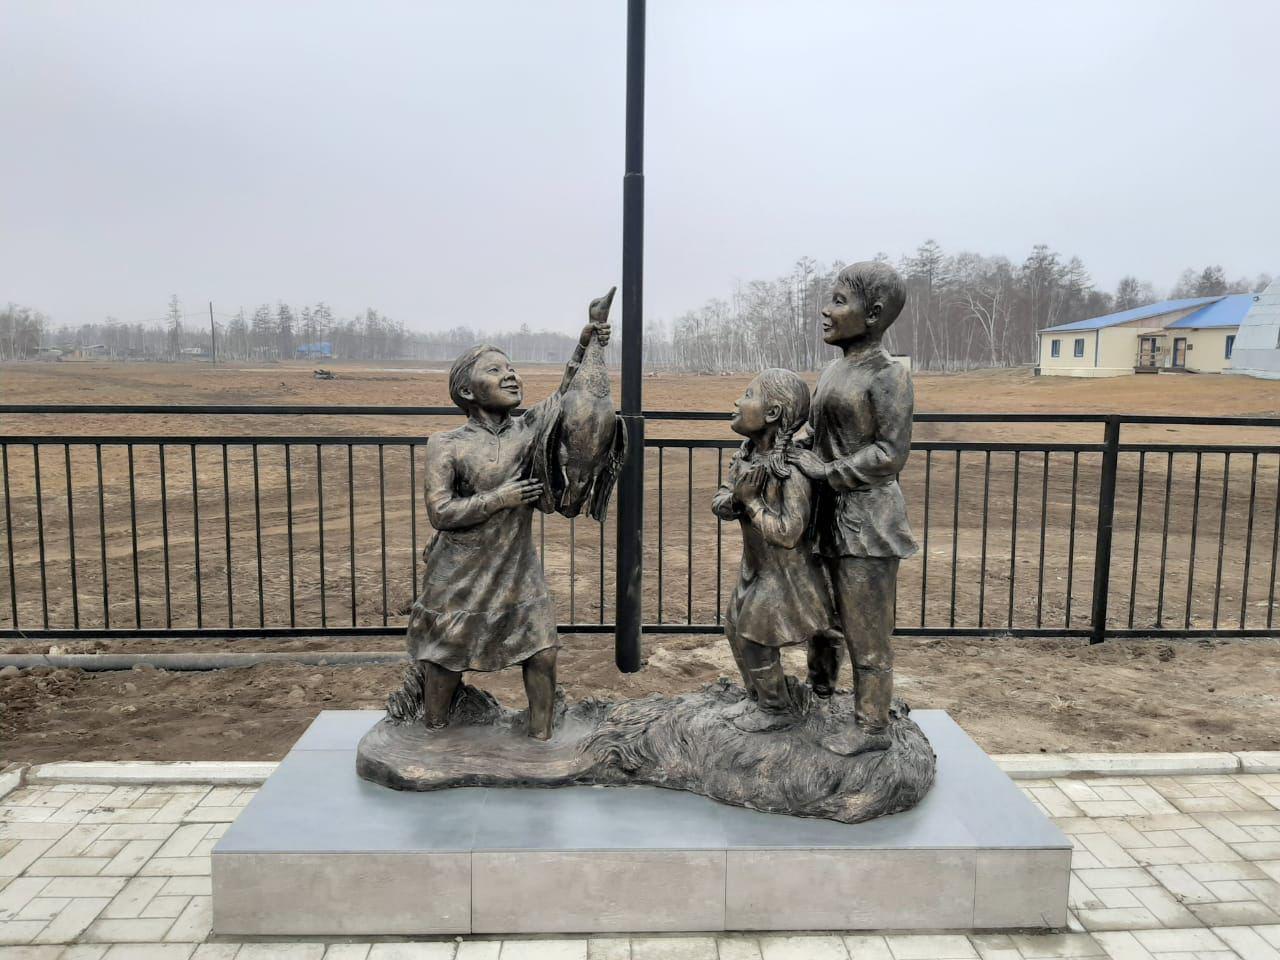 В Таттинском районе установили памятник и арт-объекты, посвященные Николаю и Анне Неустроевым